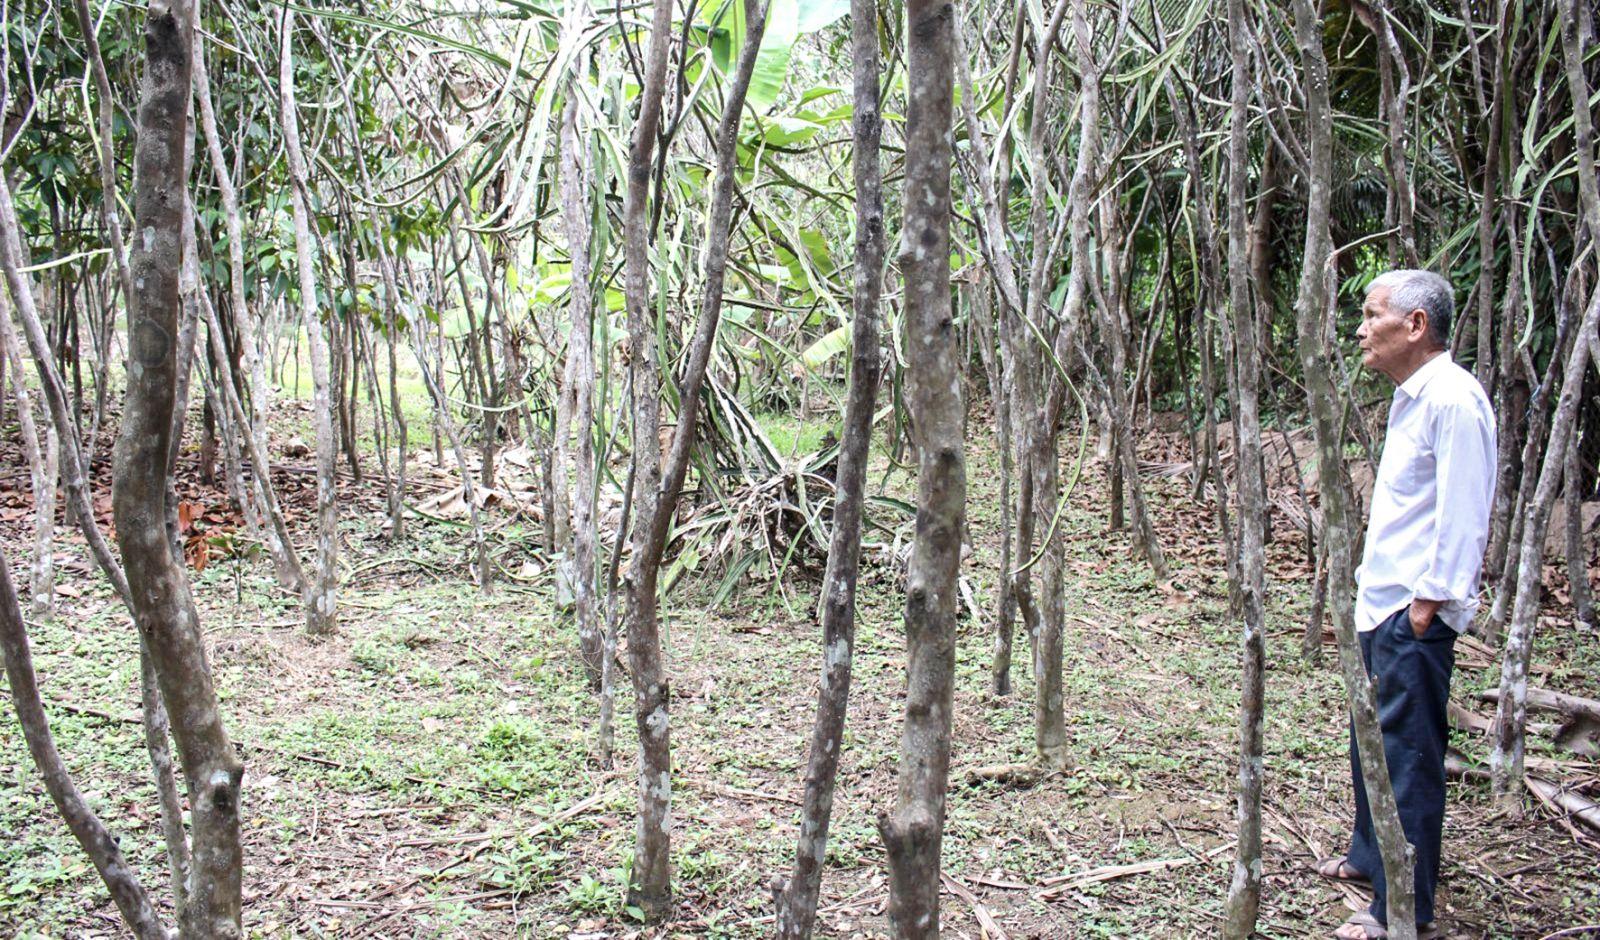 Vườn cam sành của ông Huỳnh Hữu Trạng bị già cỗi, không có thu nhập khoảng 10 năm qua. Ảnh: THANH THƯ